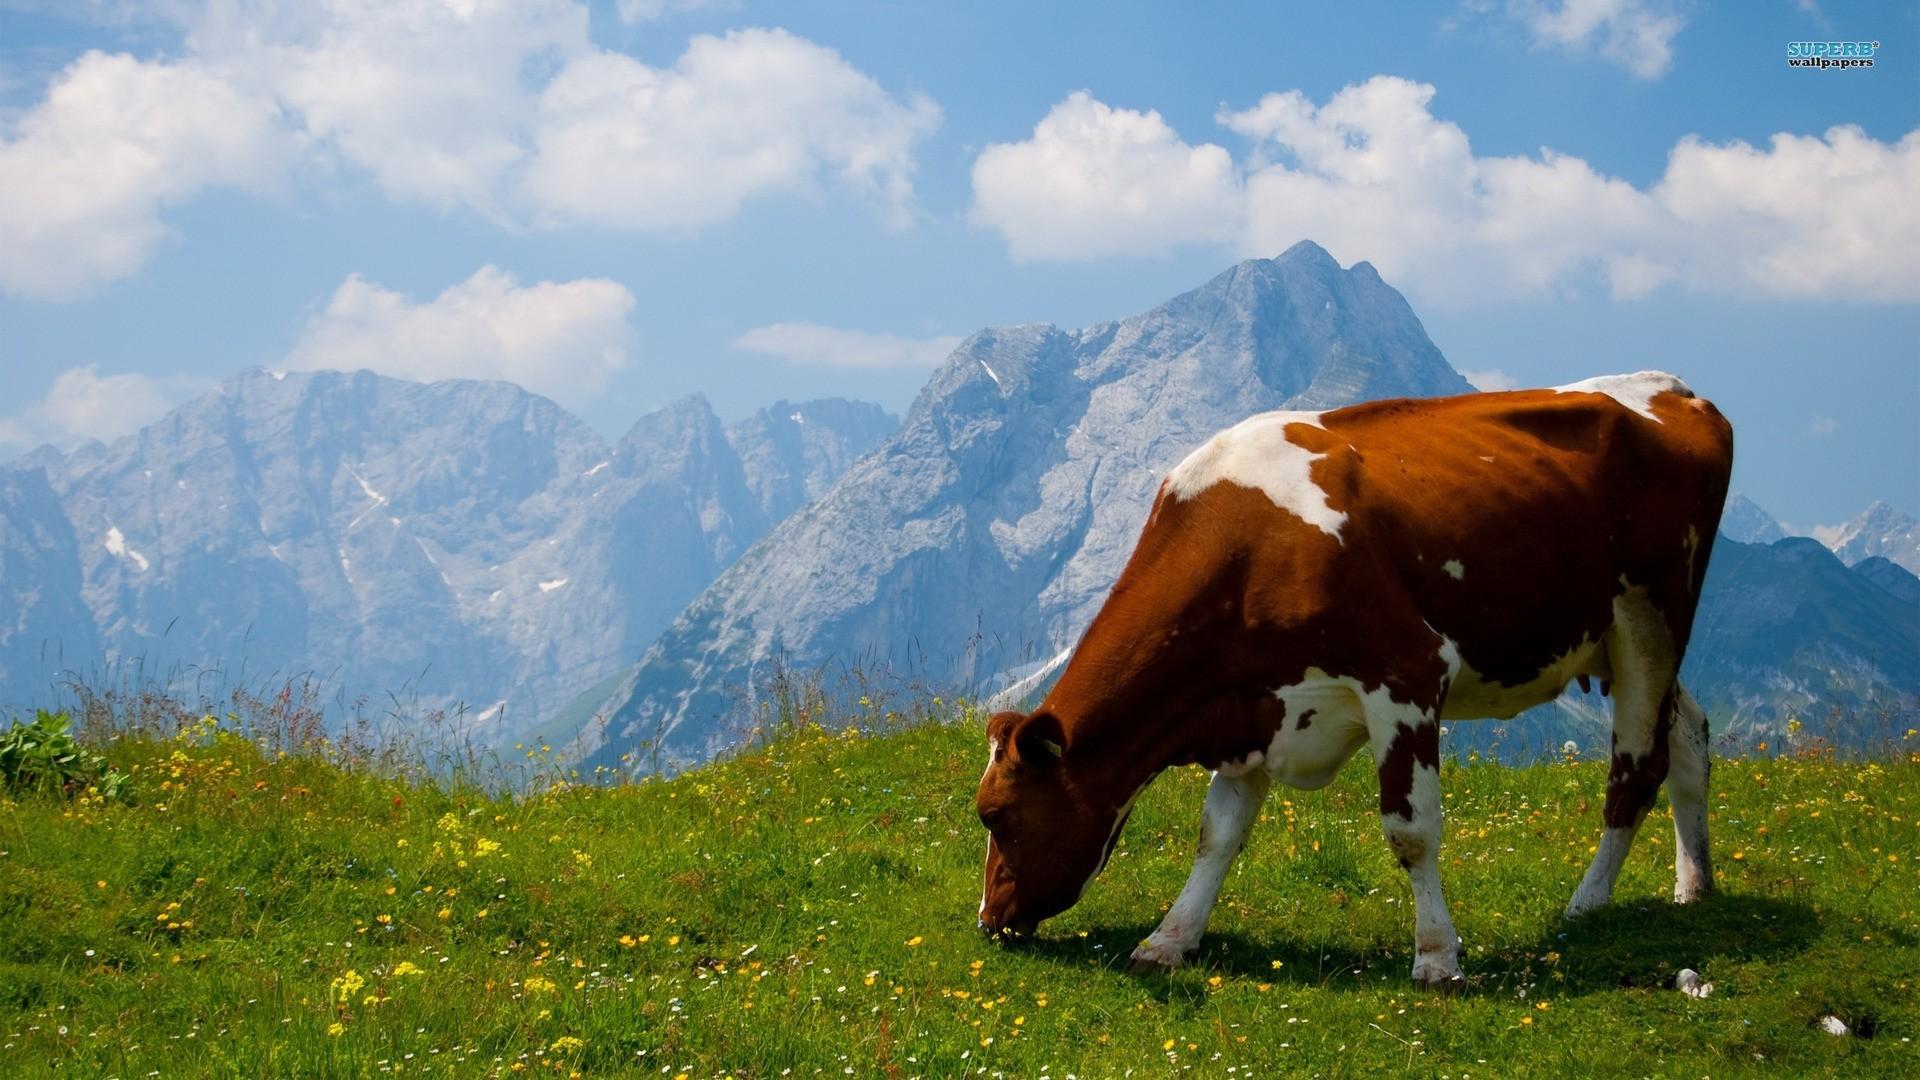 Cow Wallpaper theme